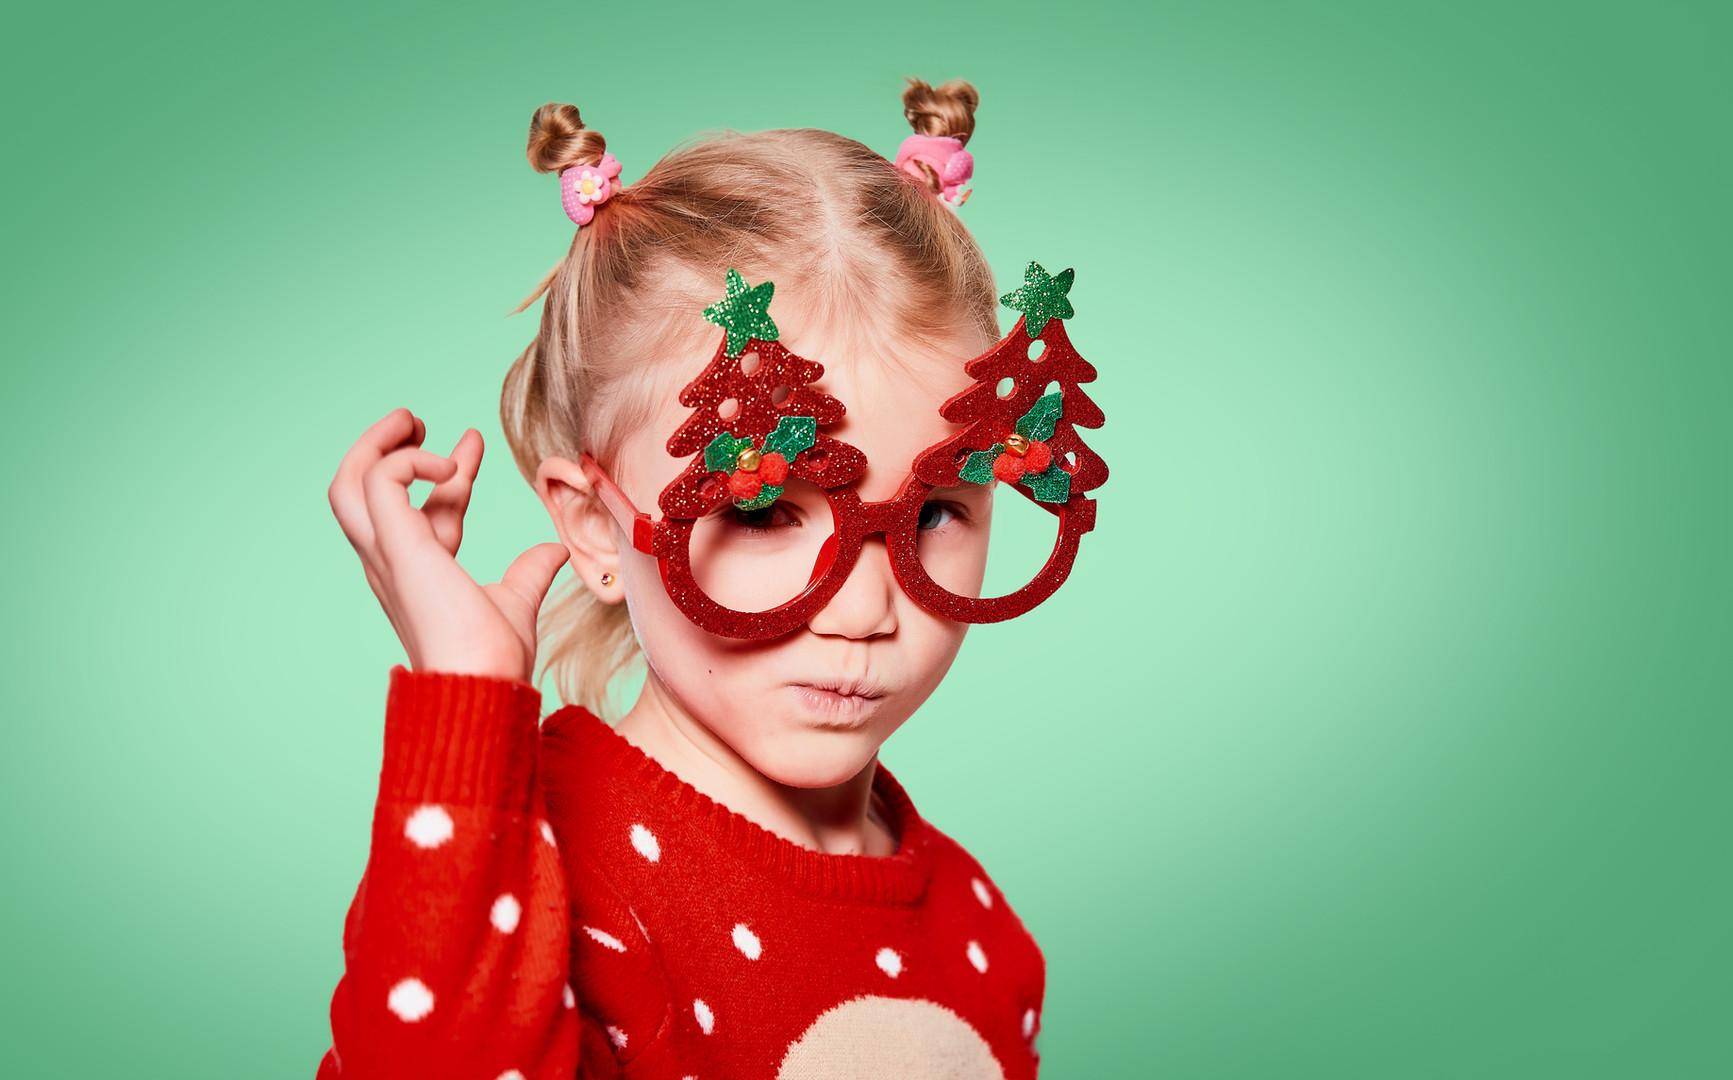 Funny blond little girl wearing red chri